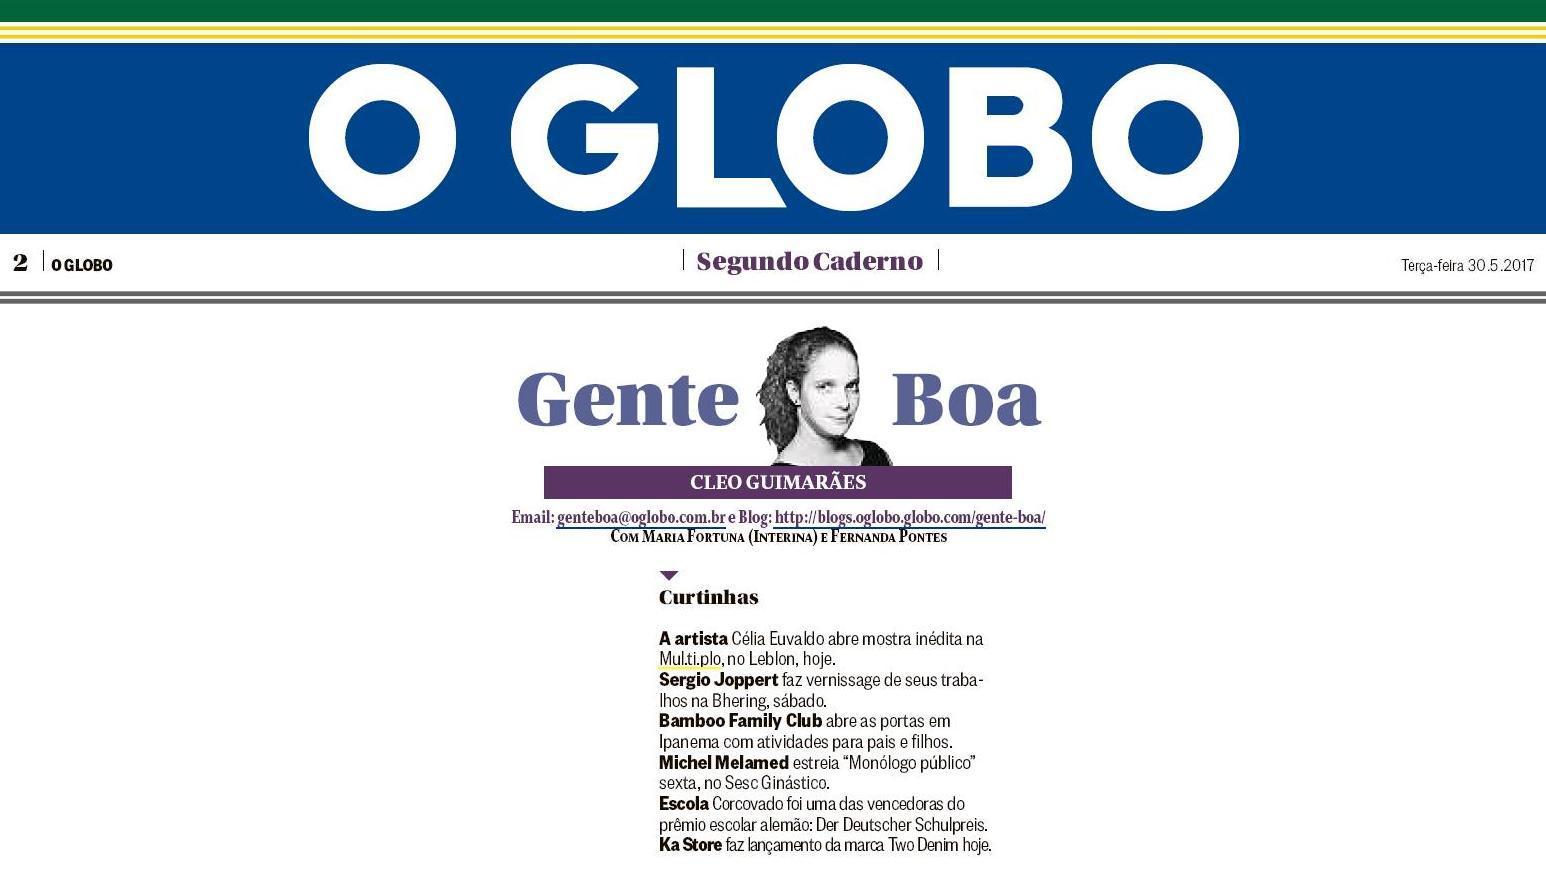 MUL.TI.PLO ESPAÇO ARTE NO GLOBO - COLUNA GENTE BOA 30-05.JPG